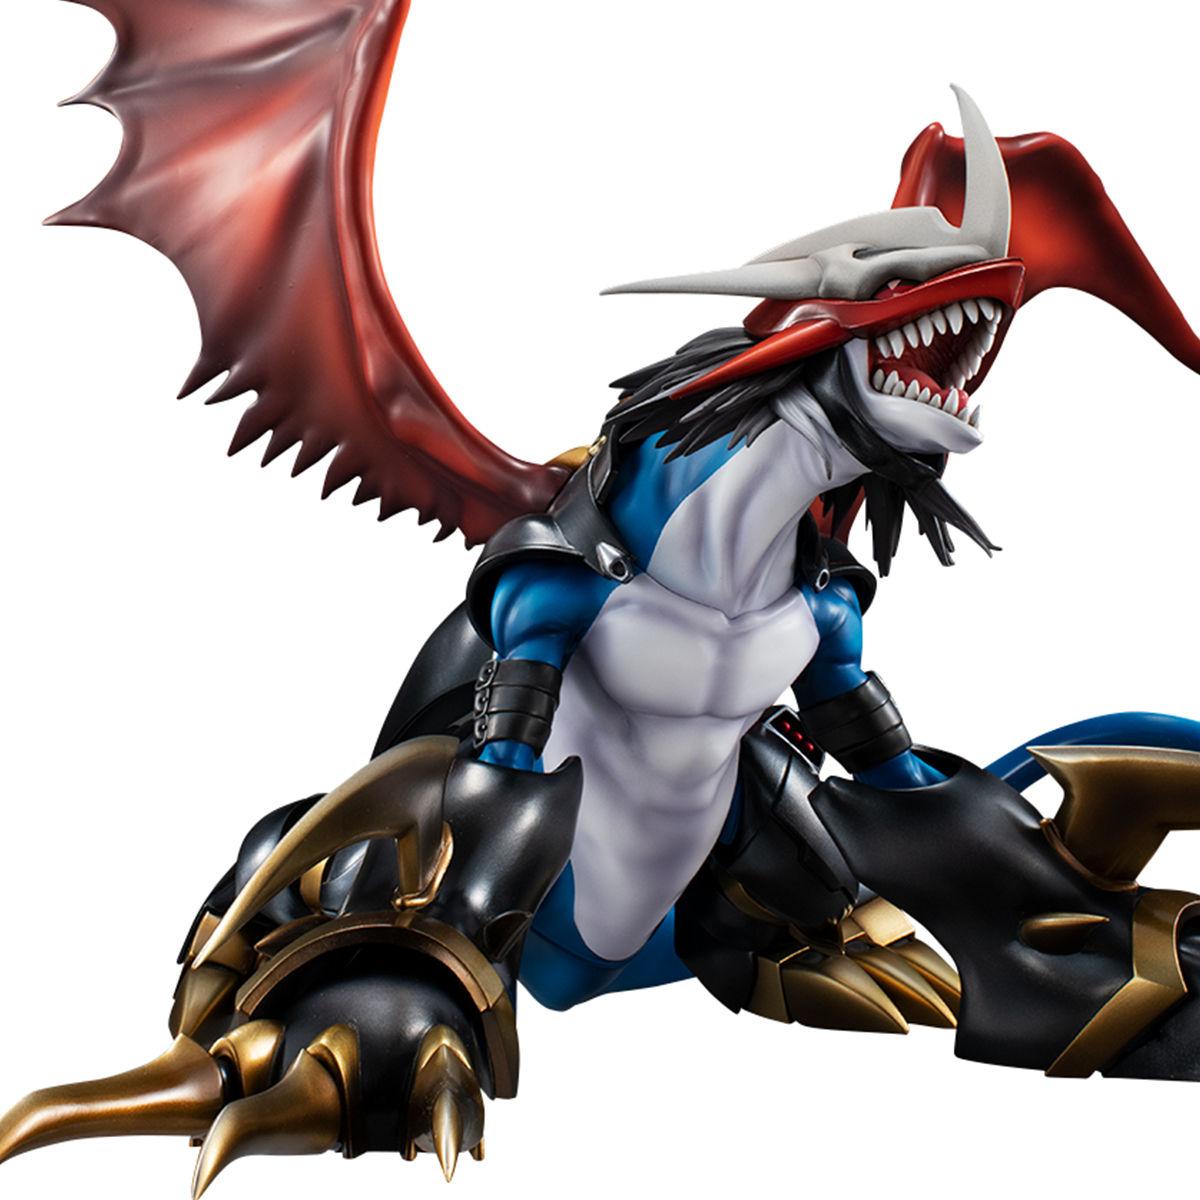 【限定販売】Precious G.E.M.シリーズ『インペリアルドラモン:ドラゴンモード』デジモンアドベンチャー02 完成品フィギュア-001